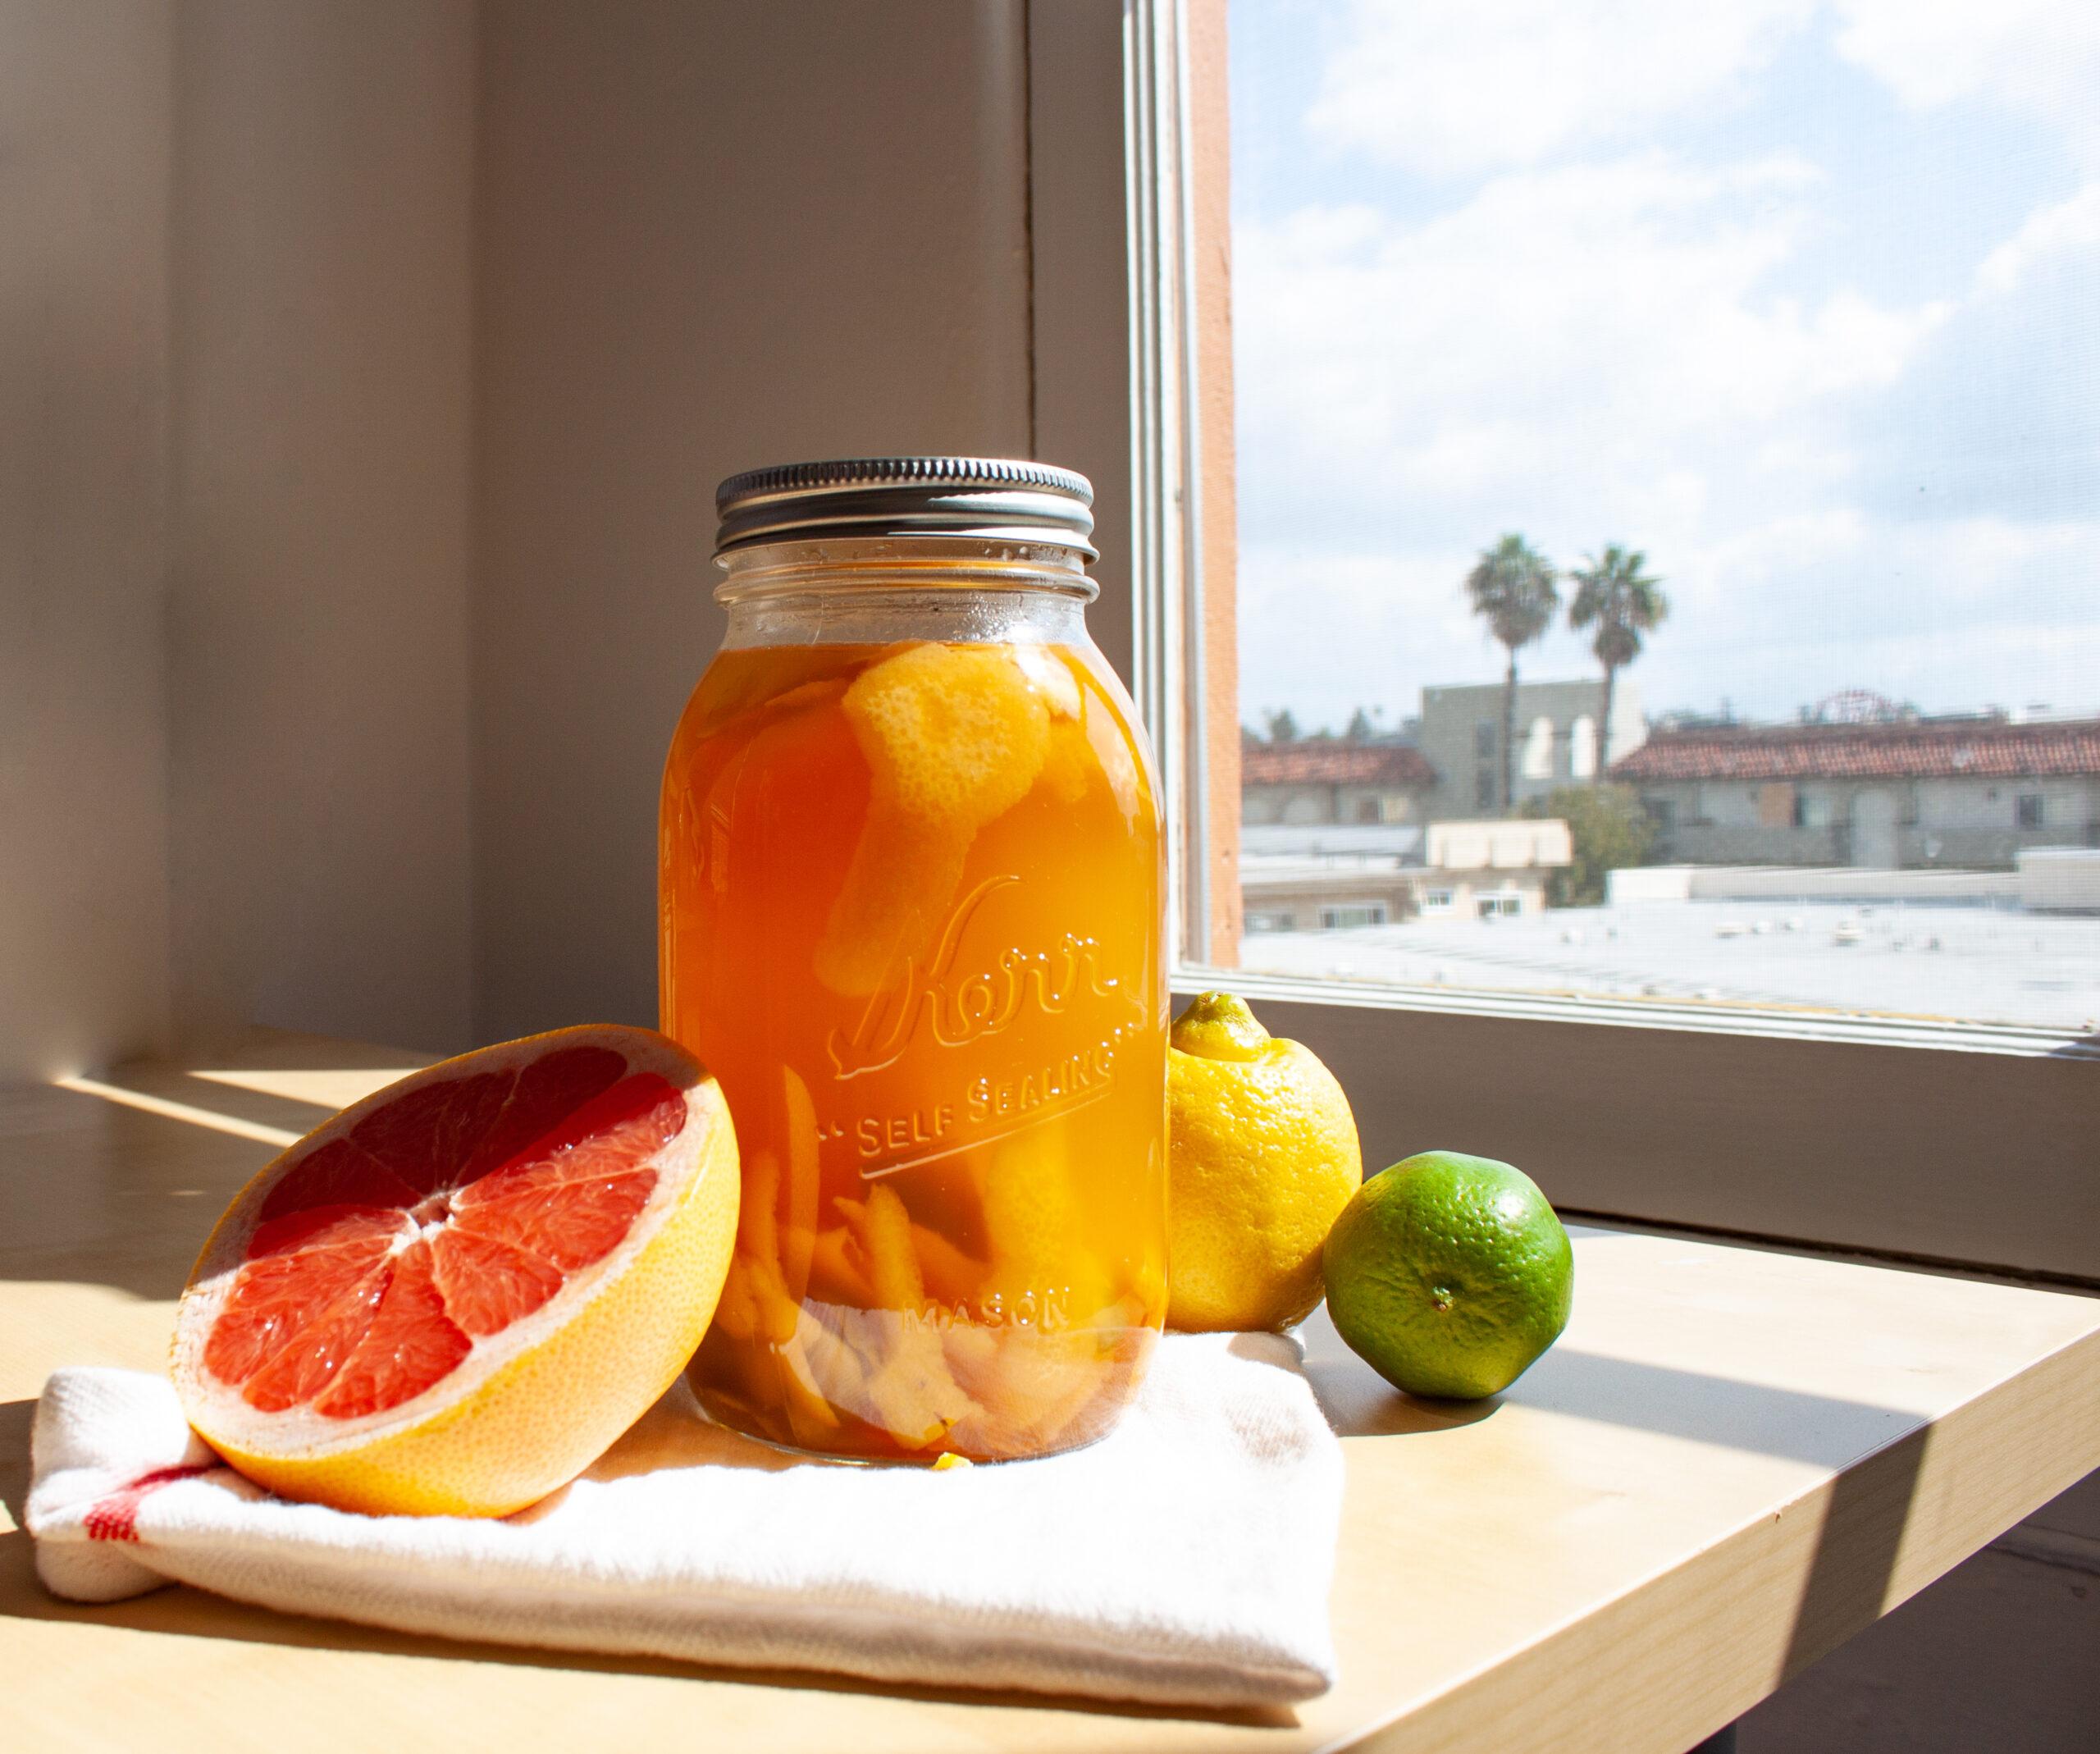 Zero Waste: 7 Ways to Use the Whole Citrus Fruit